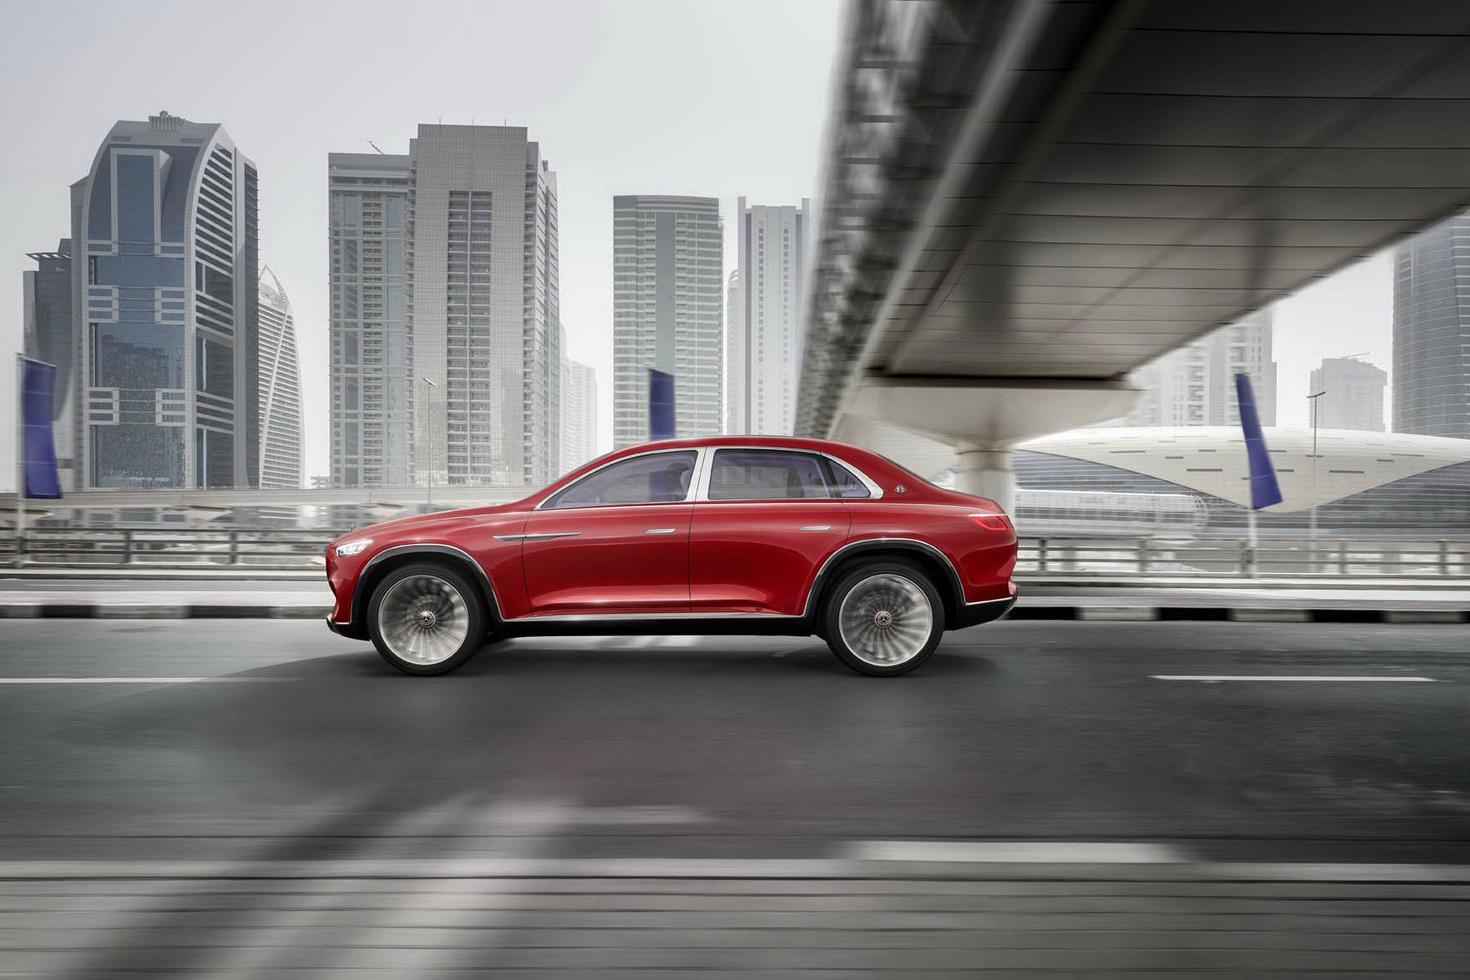 Siêu phẩm sắp ra mắt của Bentley là xe sedan nhưng… gầm cao?